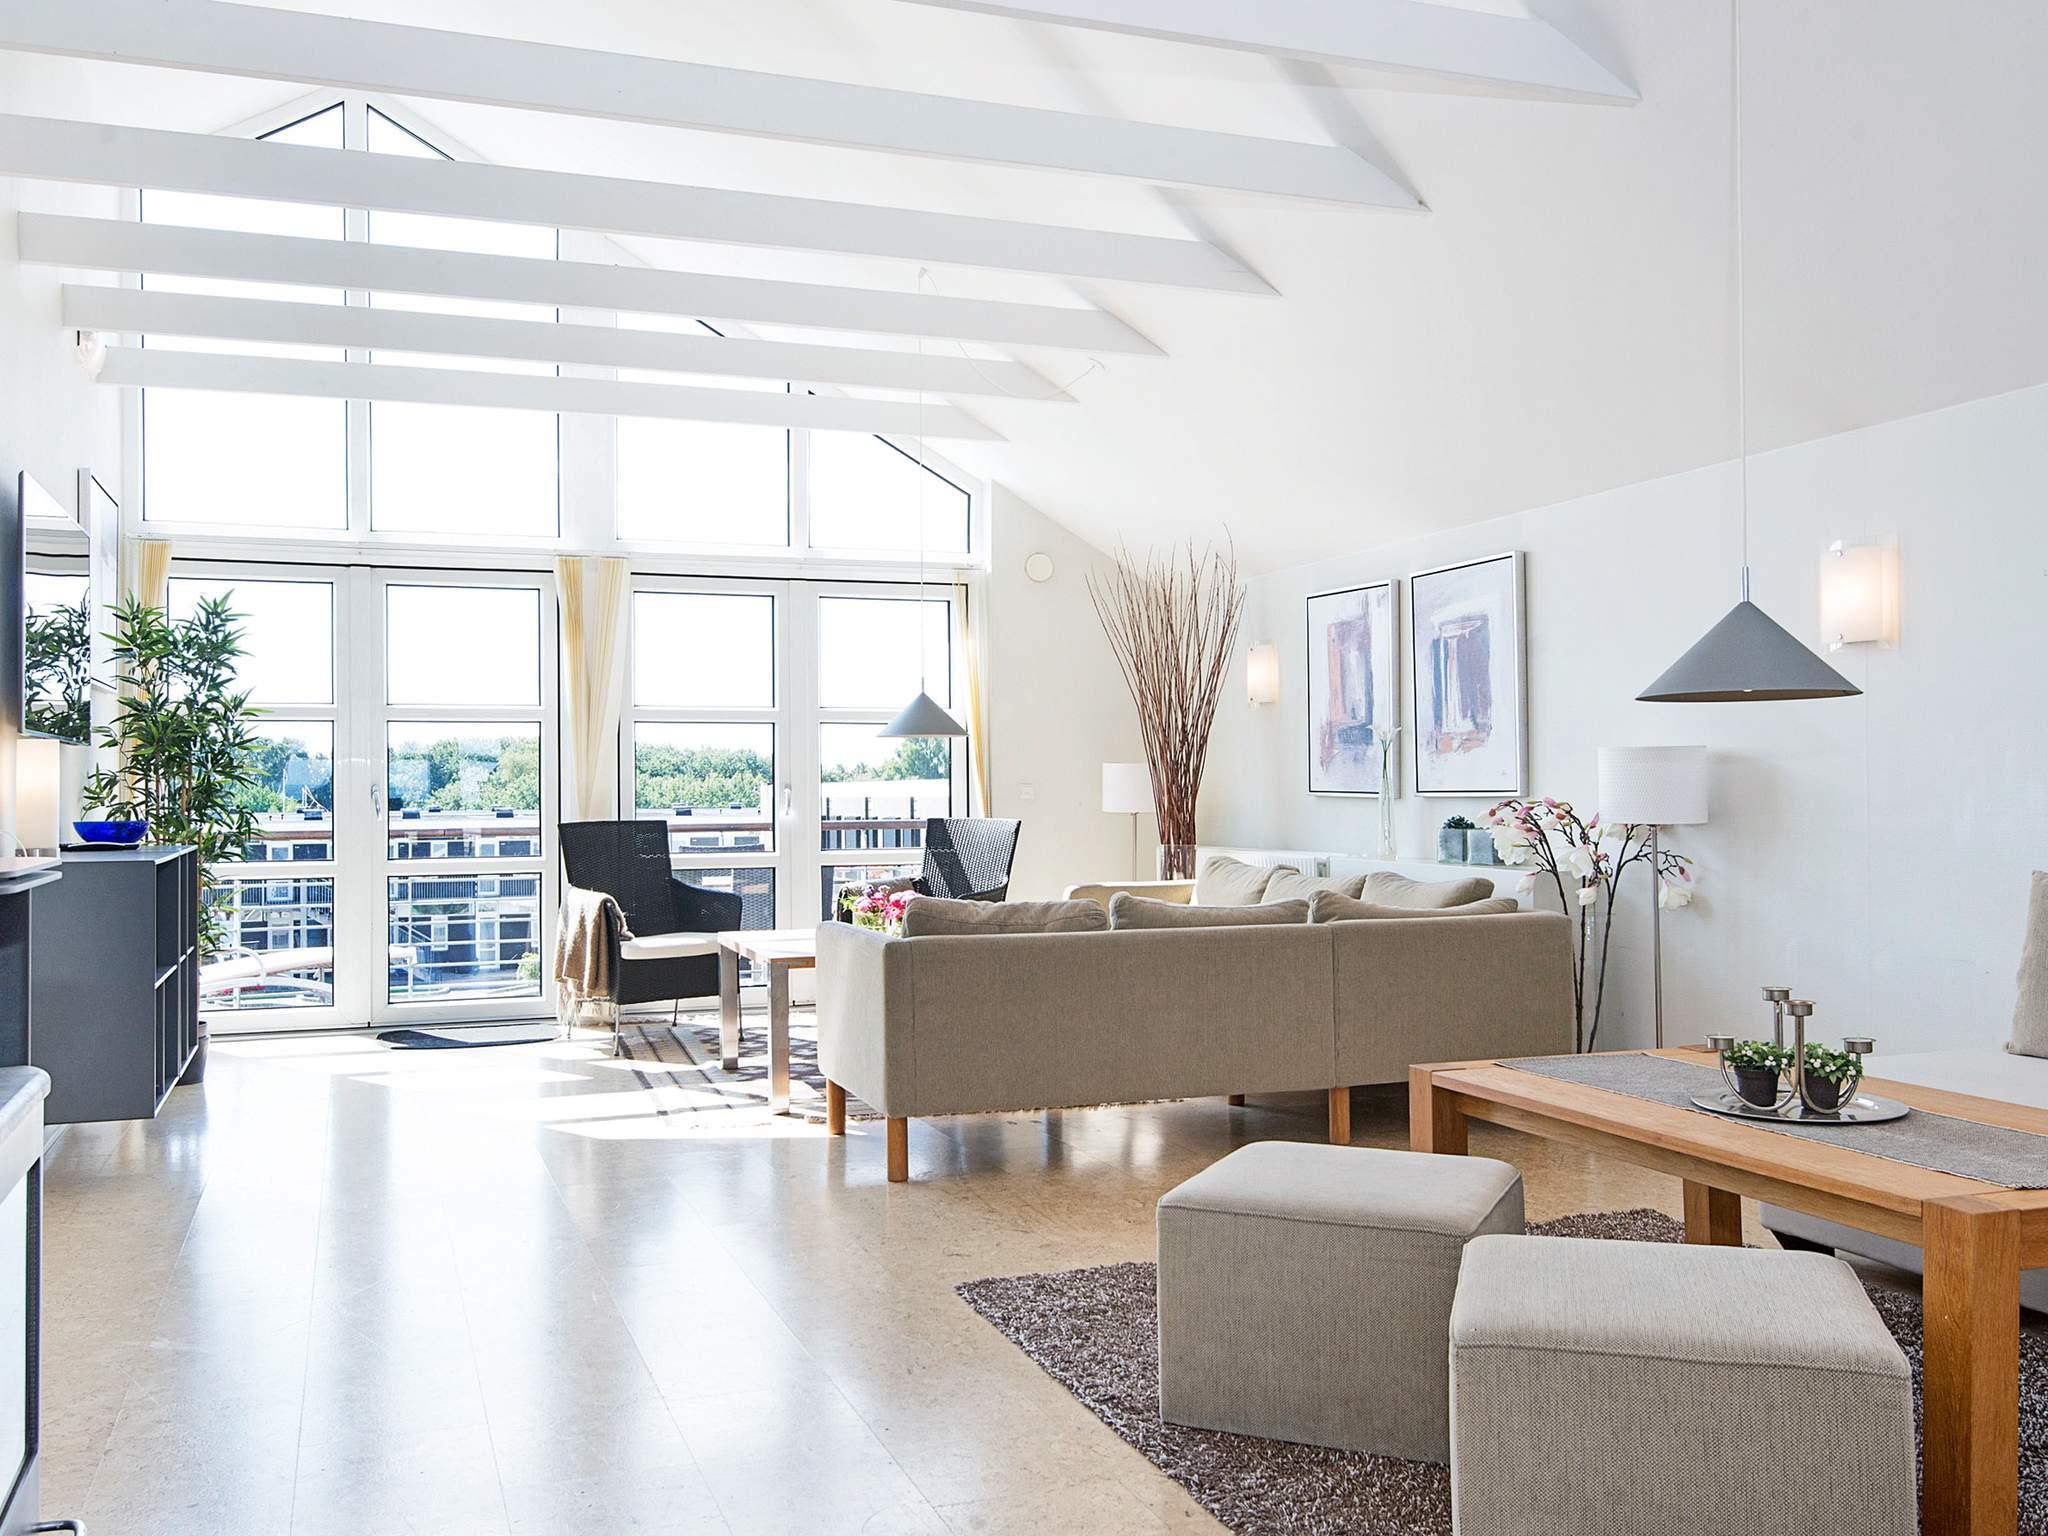 Ferienwohnung Bønnerup Strand - Typ 5 - 3 Zimmer,1.stock,Penthouse (1719346), Bønnerup, , Ostjütland, Dänemark, Bild 4